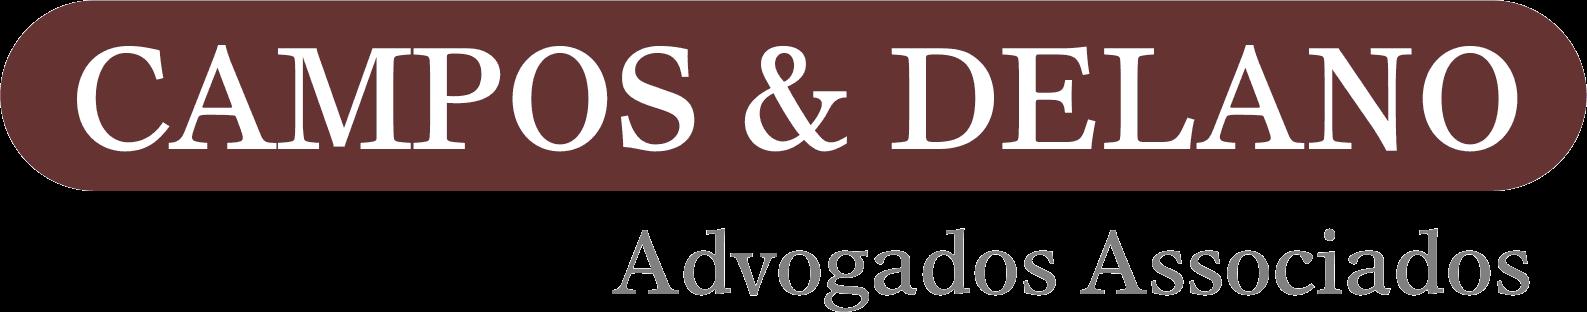 Campos & Delano Advogados Associados